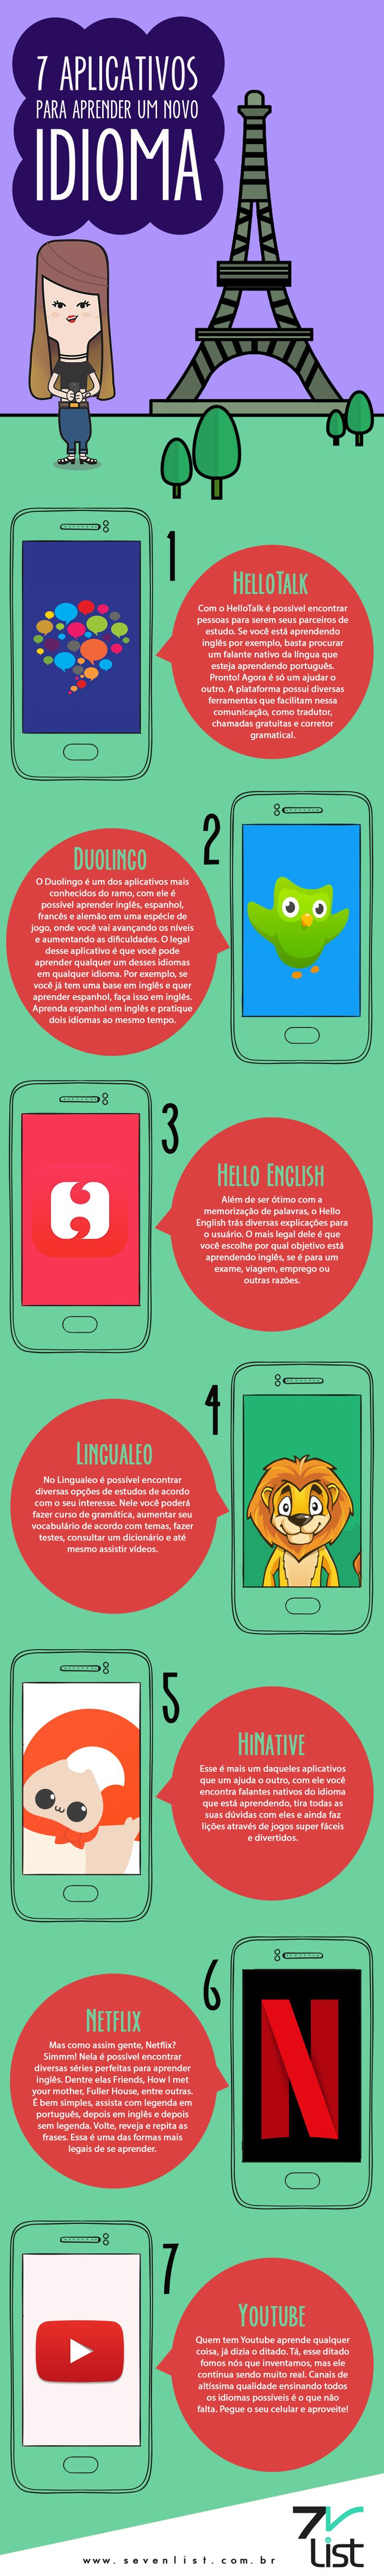 Quem gosta de aprender vários idiomas? Imagina usando apenas um app? Esses são 7 aplicativos que irão te ajudar a aprender uma Nova língua. SEVEN LIST